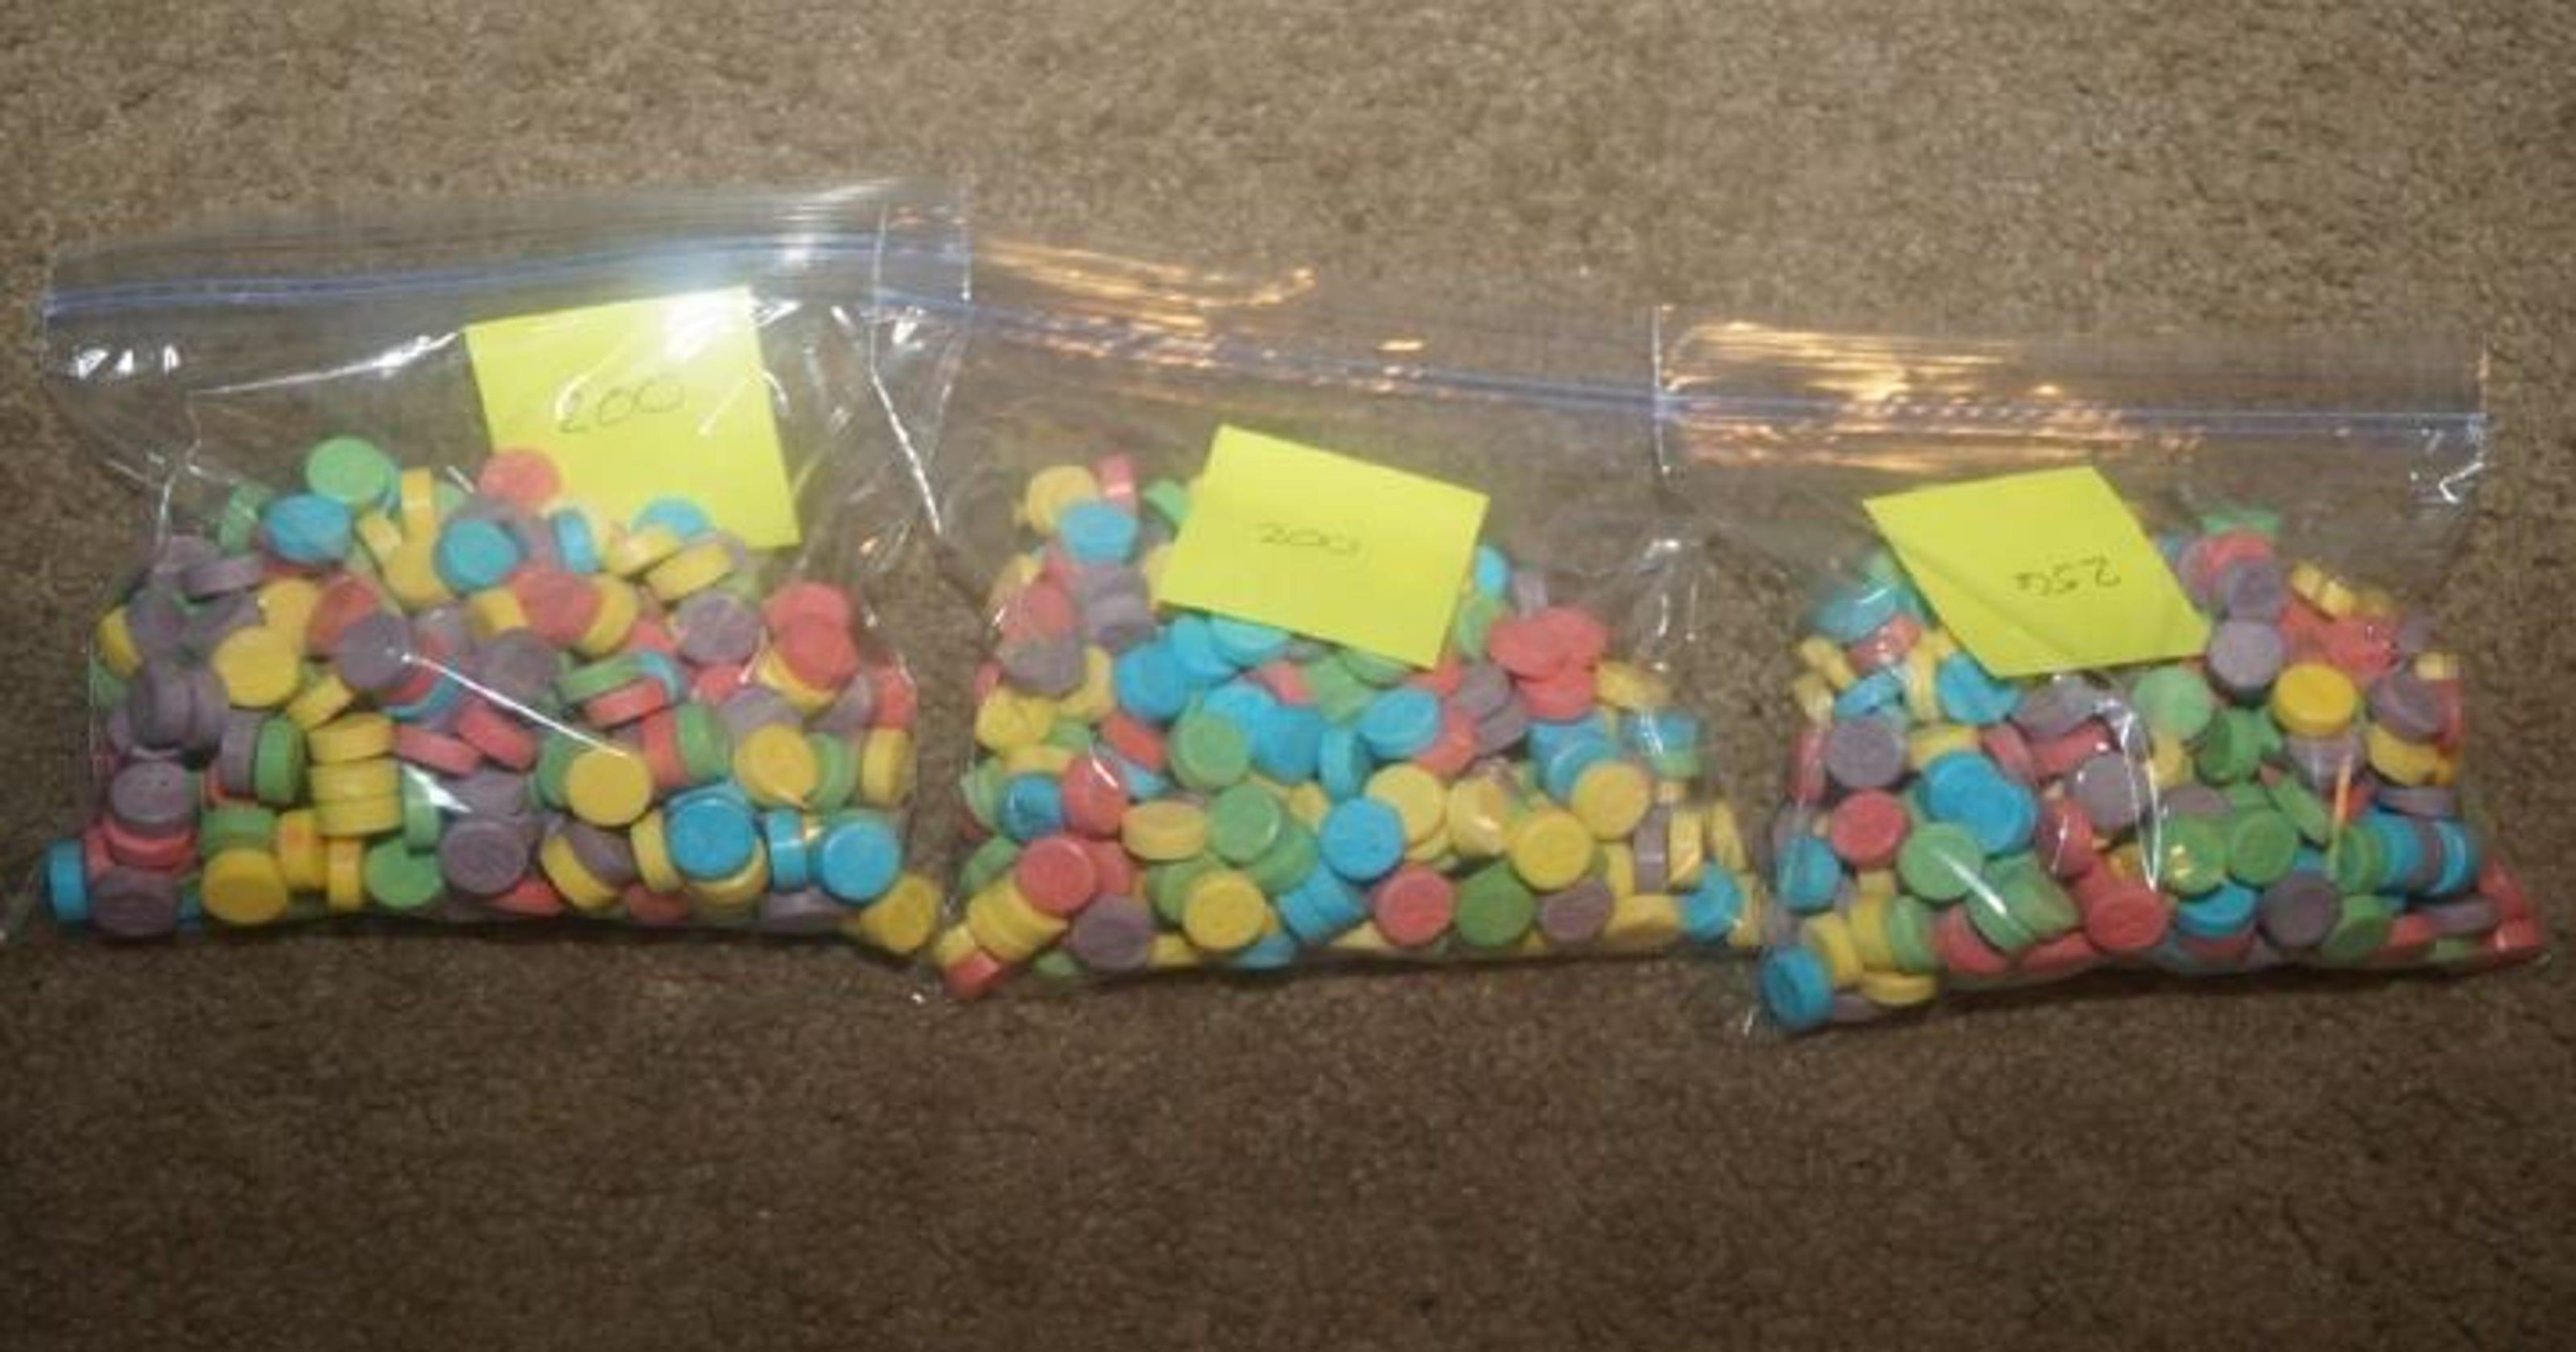 Drug-laced 'SweeTARTs' seized, parents warned